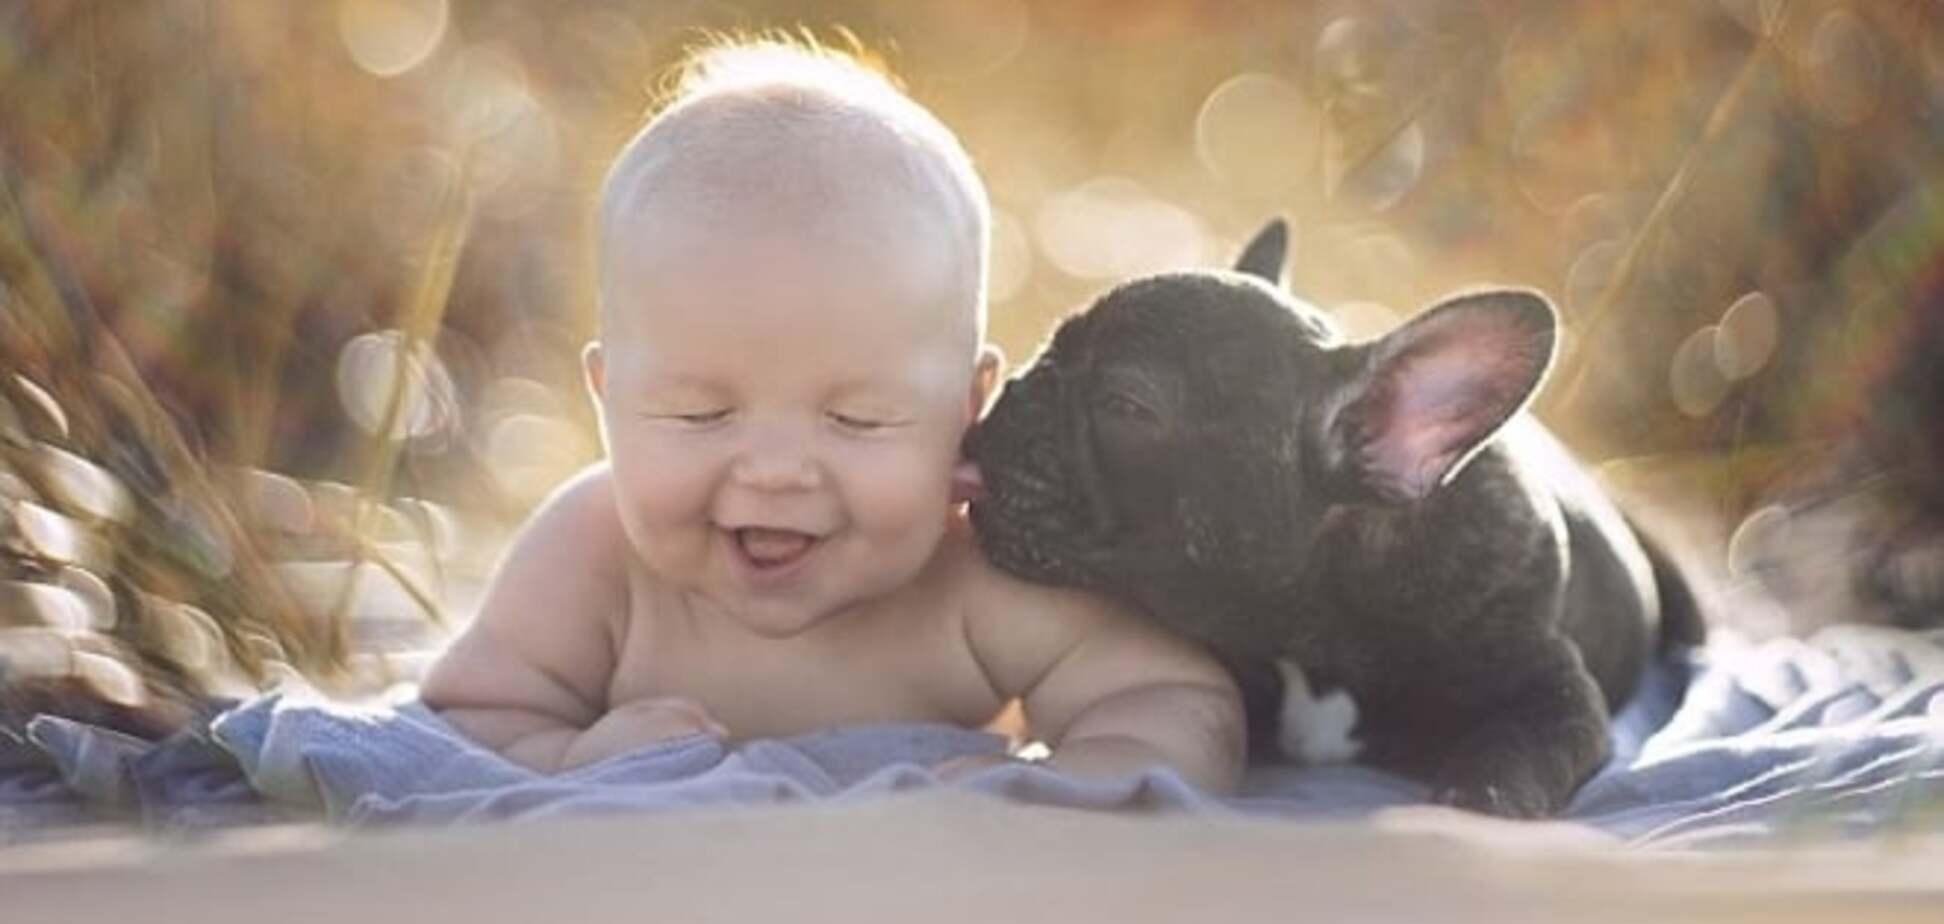 Потрясающая дружба 6-месячных младенца и бульдога: вместе купаются, кушают и спят